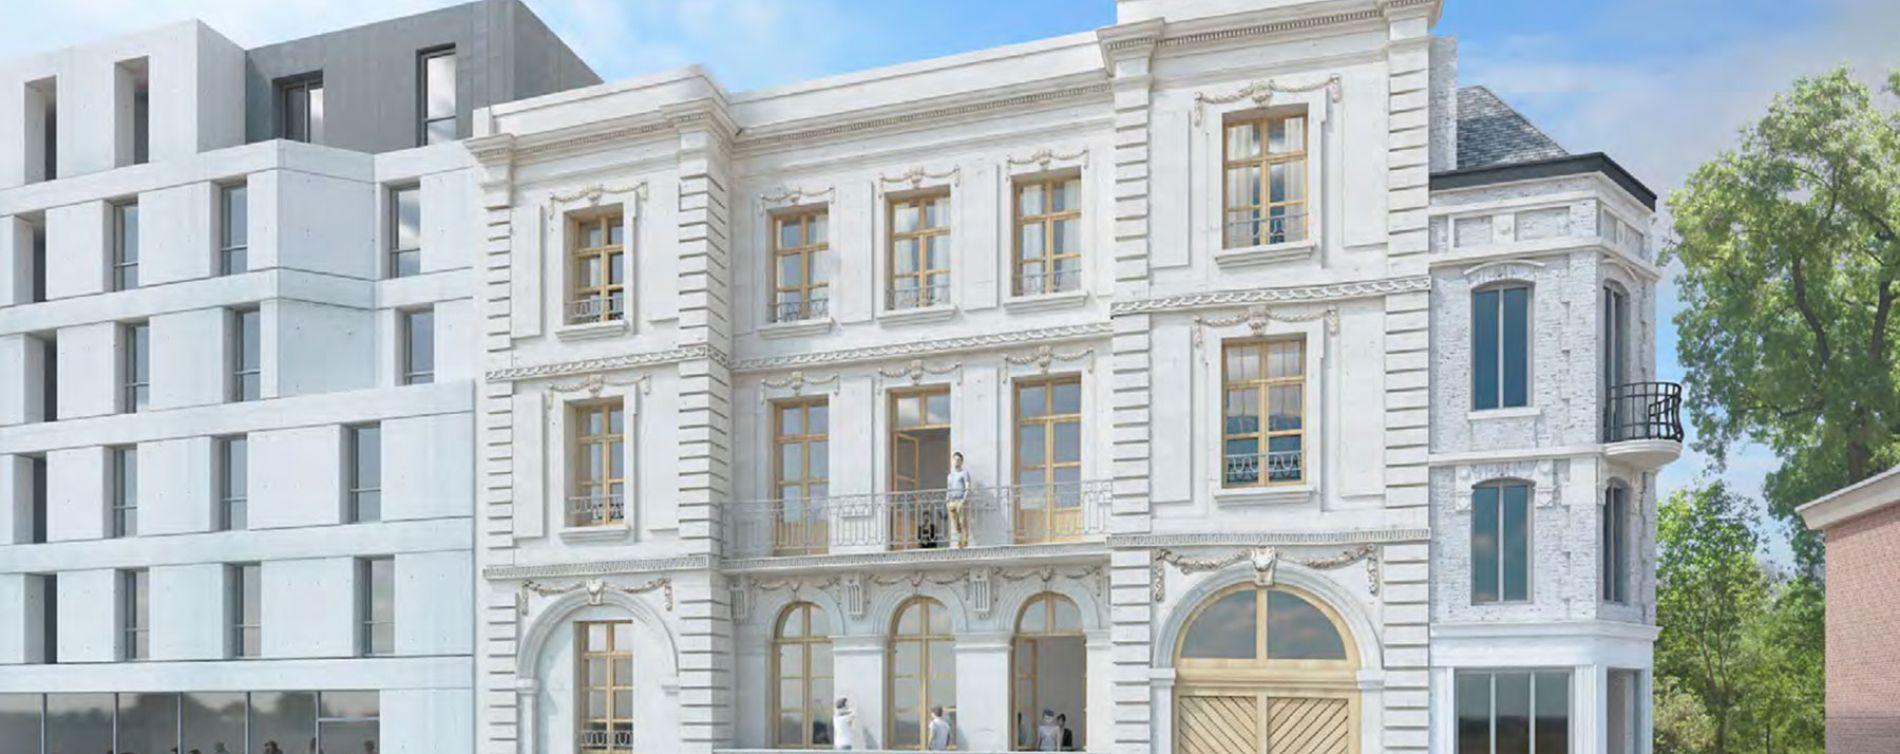 Résidence La Maison Cozette à Amiens